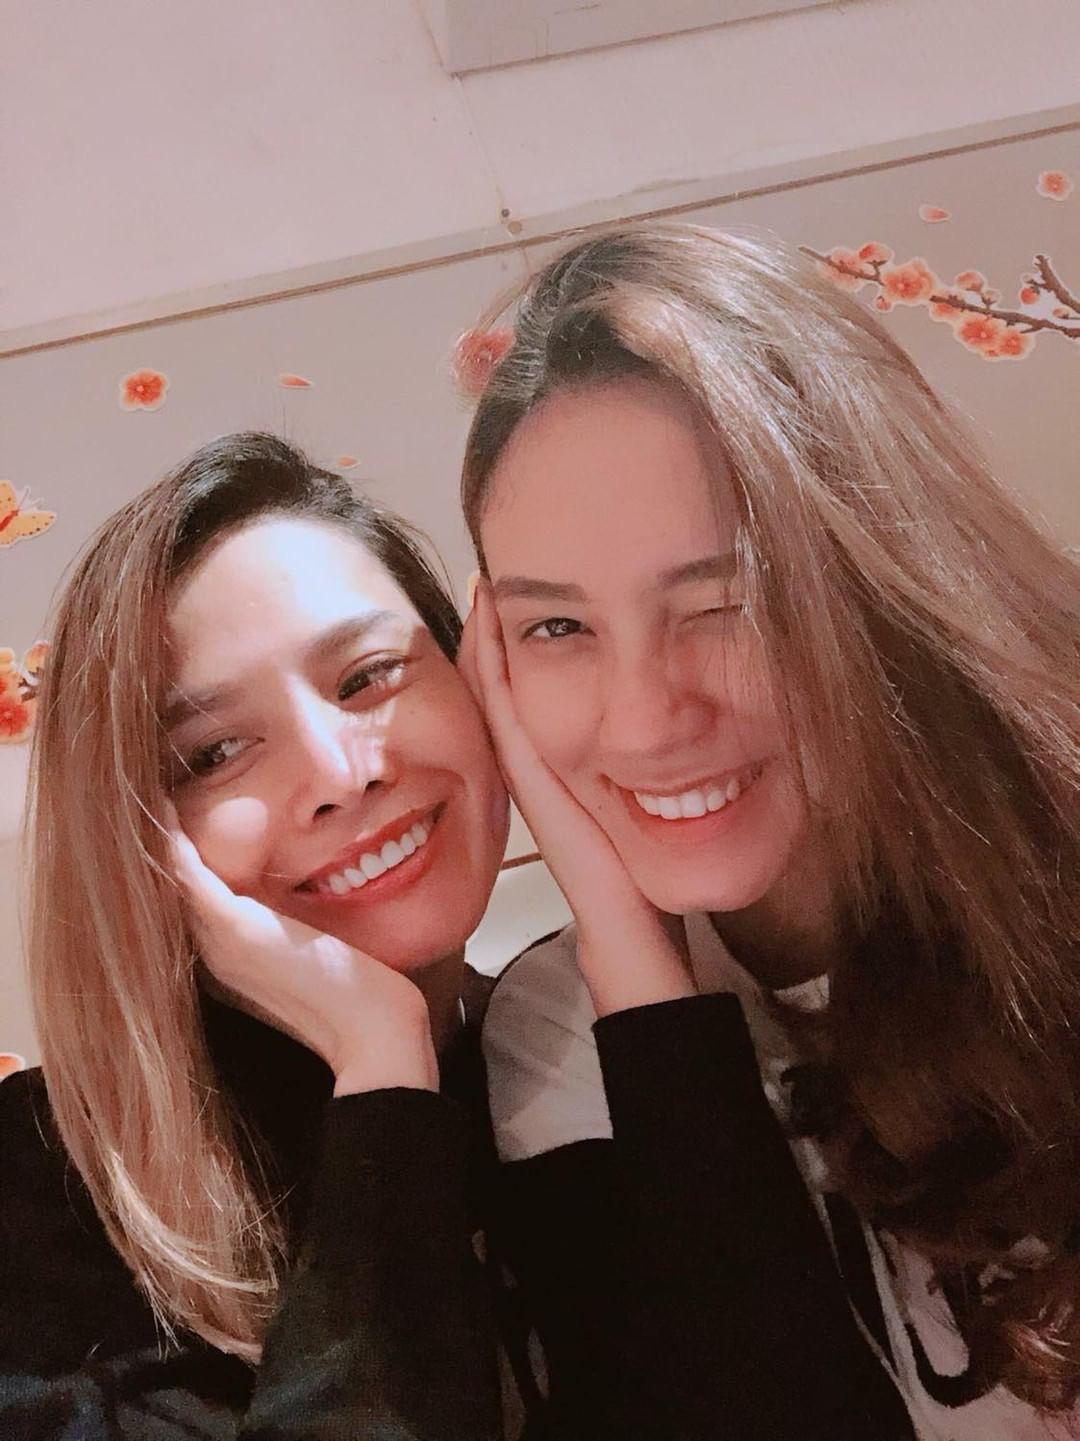 Selfie cùng con gái 19 tuổi, mẹ trẻ U40 tung hoả mù vì nhan sắc hack tuổi đỉnh cao - Ảnh 3.